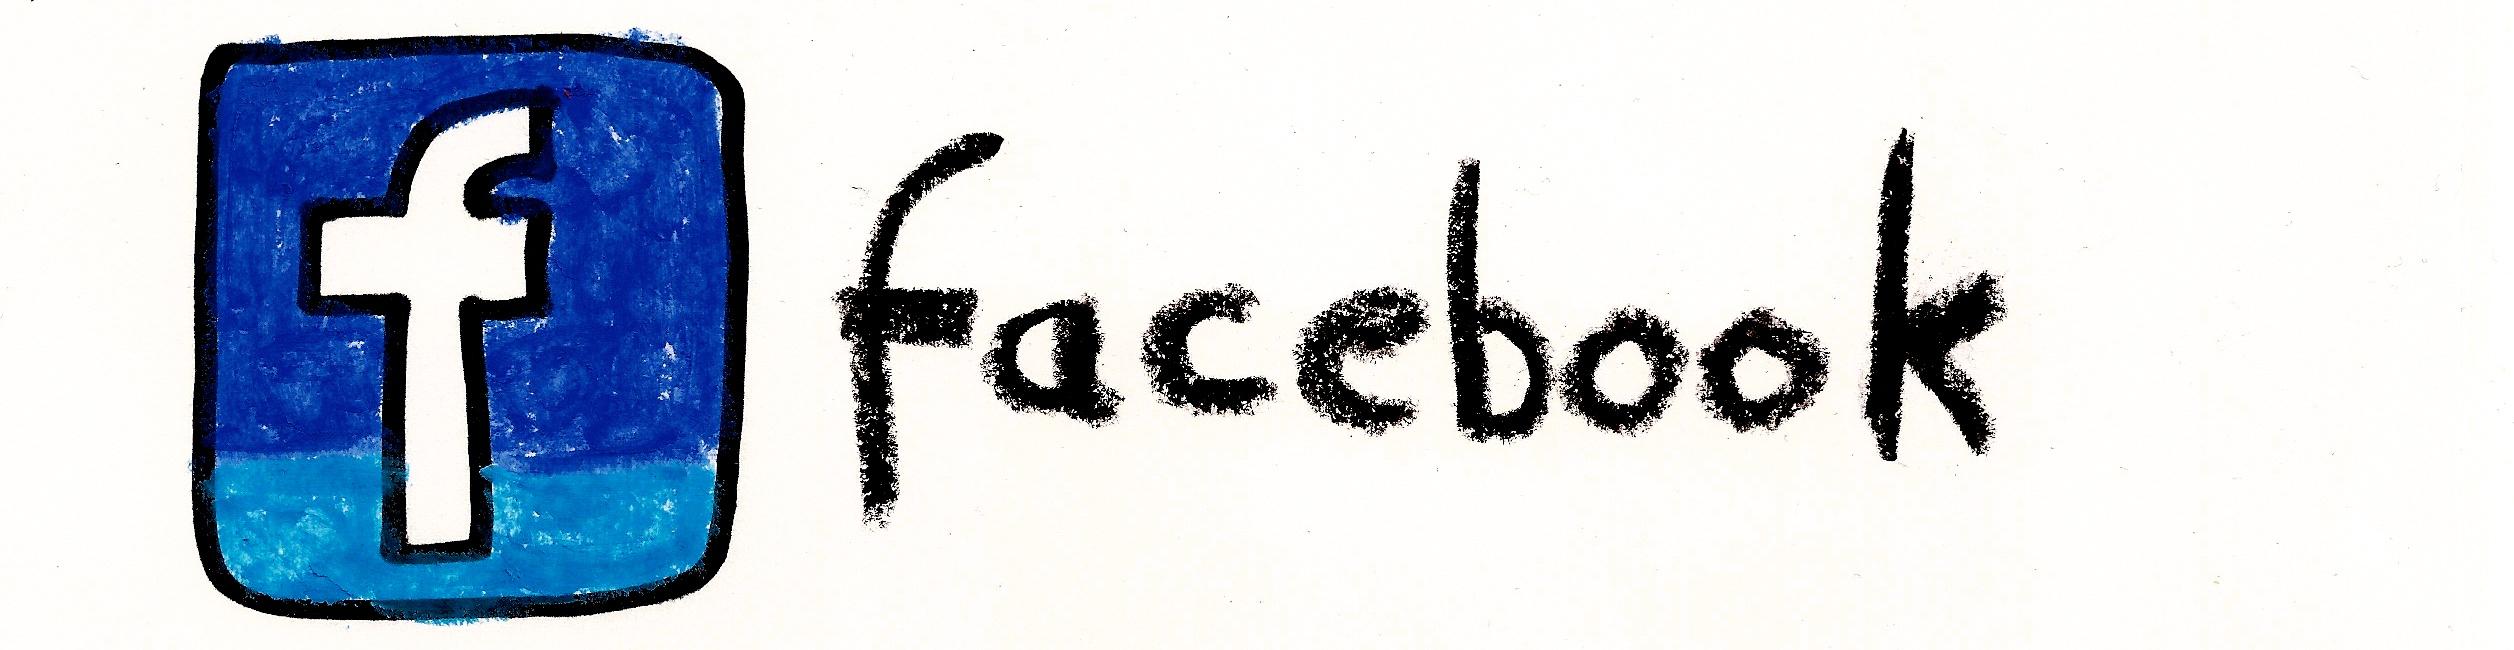 PegasoReise auf facebook